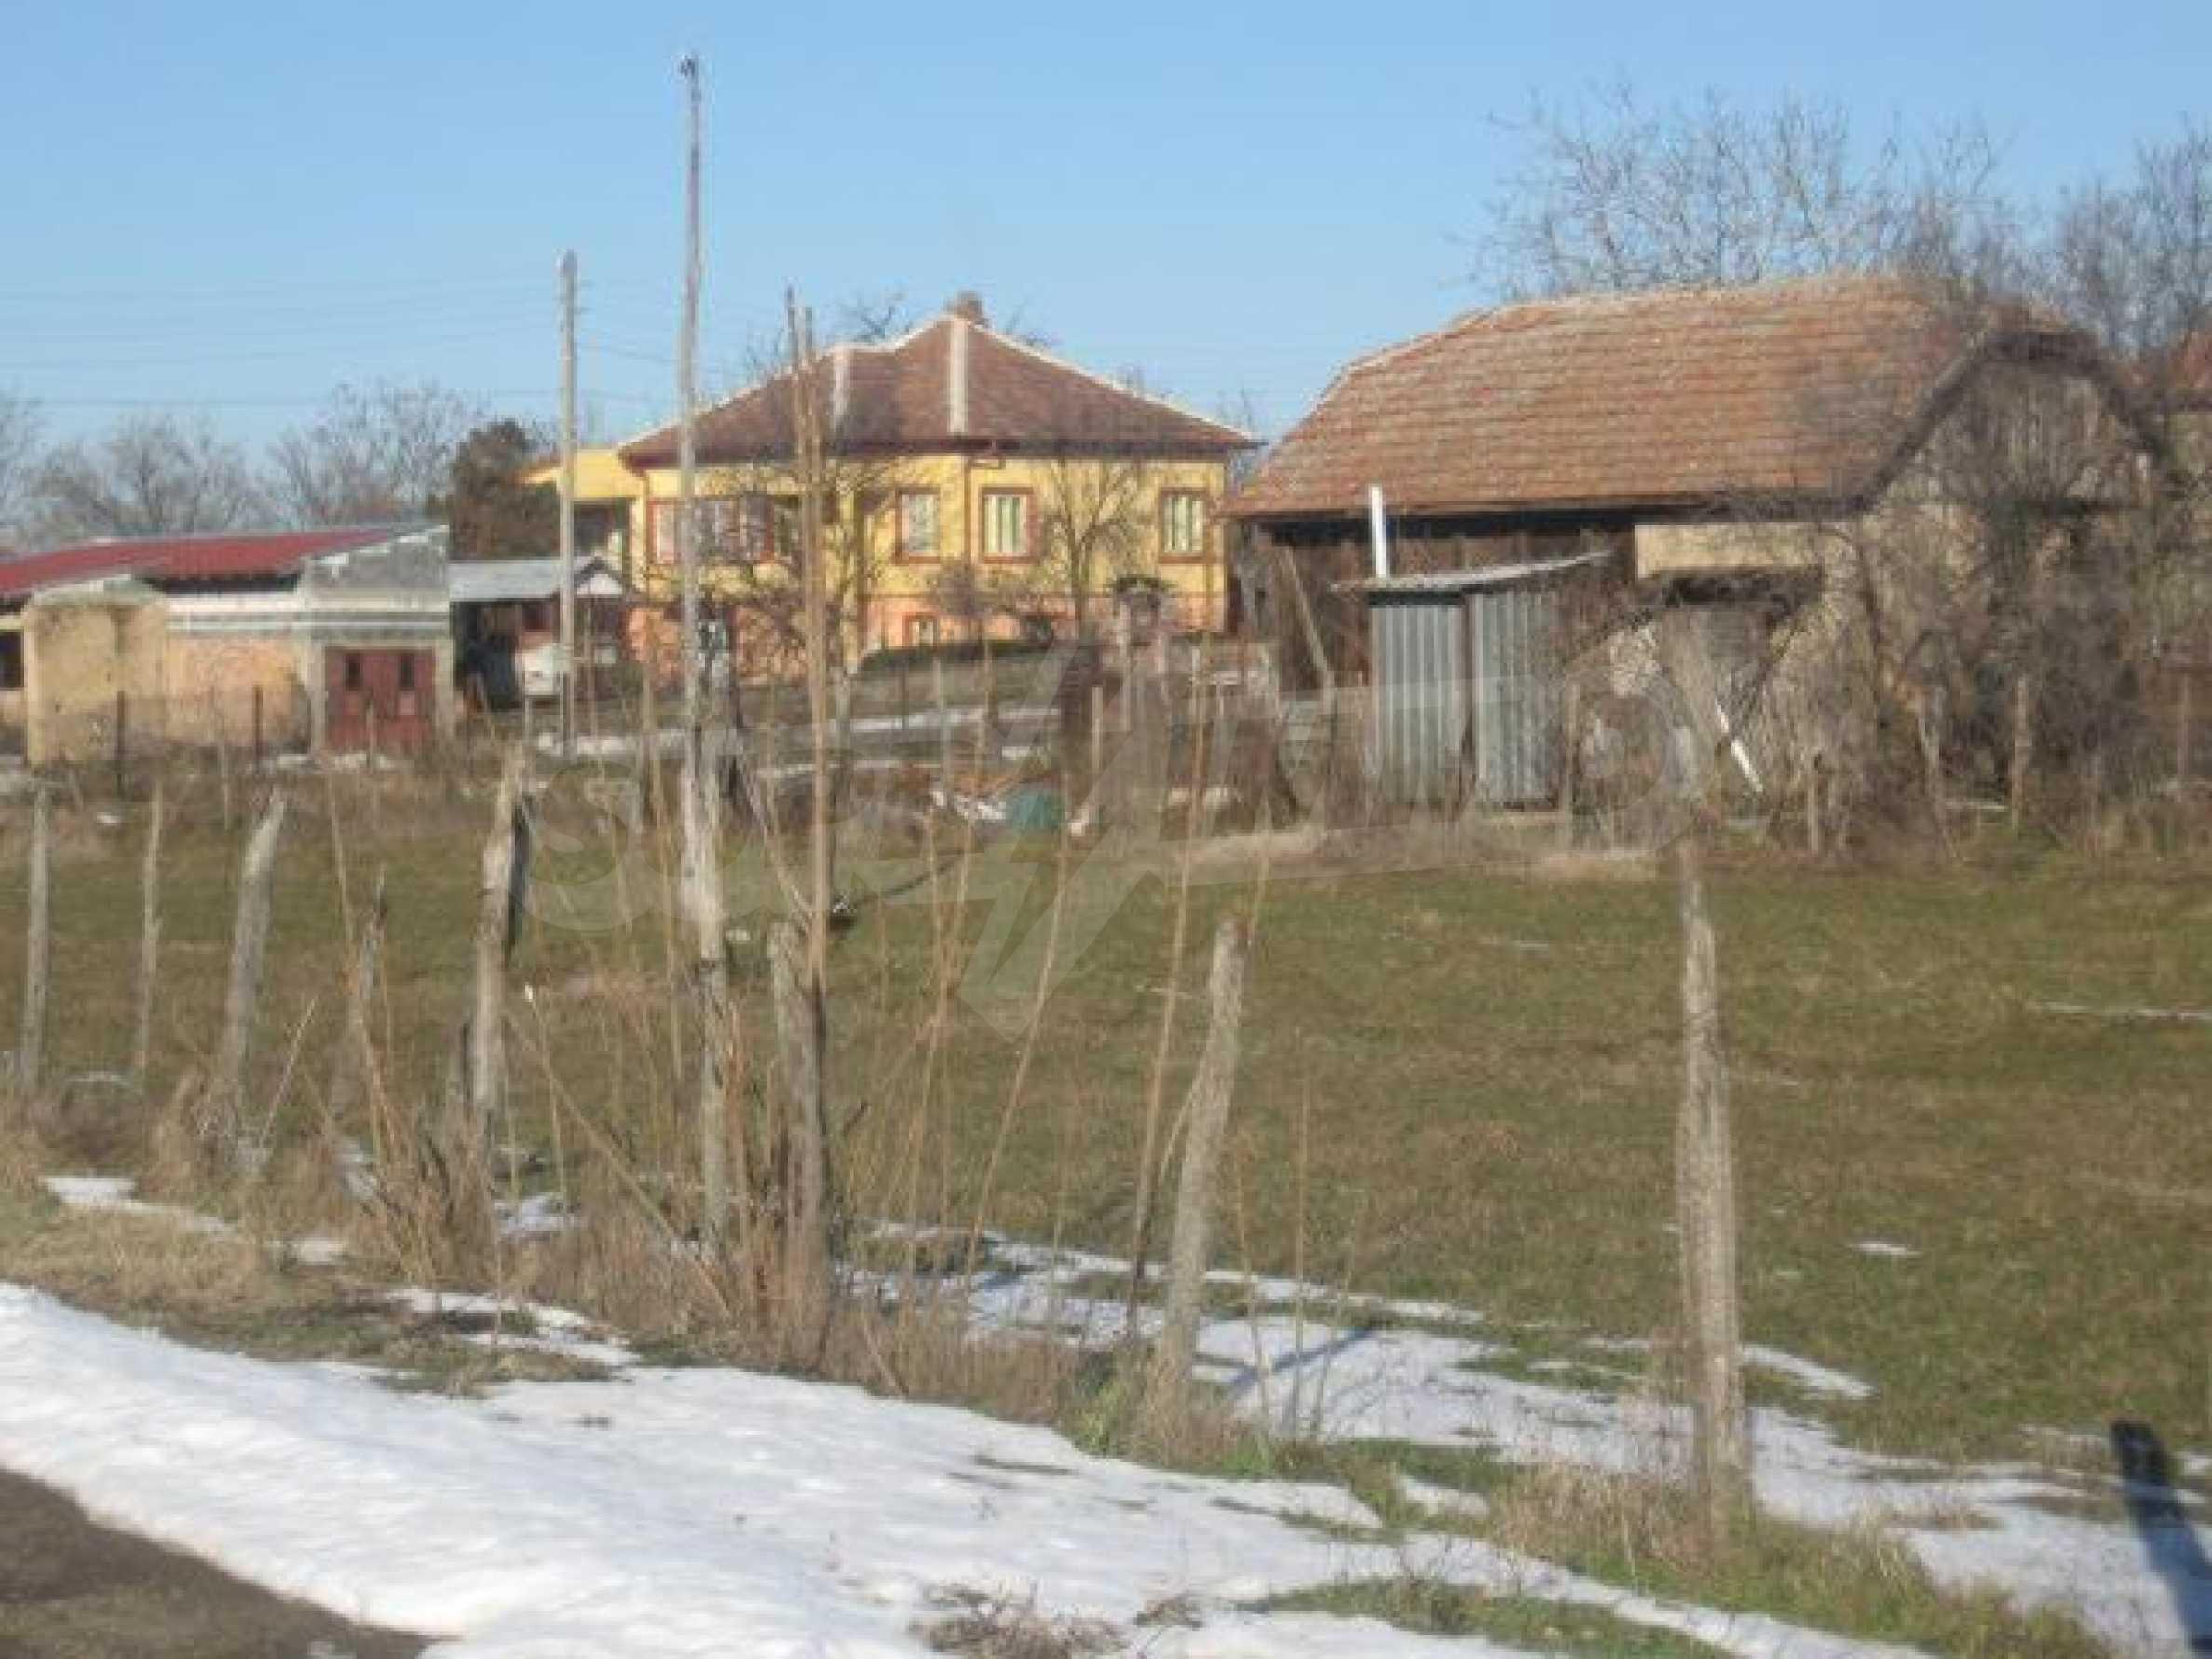 Участок под строительство возле Дунай мост 2, г. Видин 1